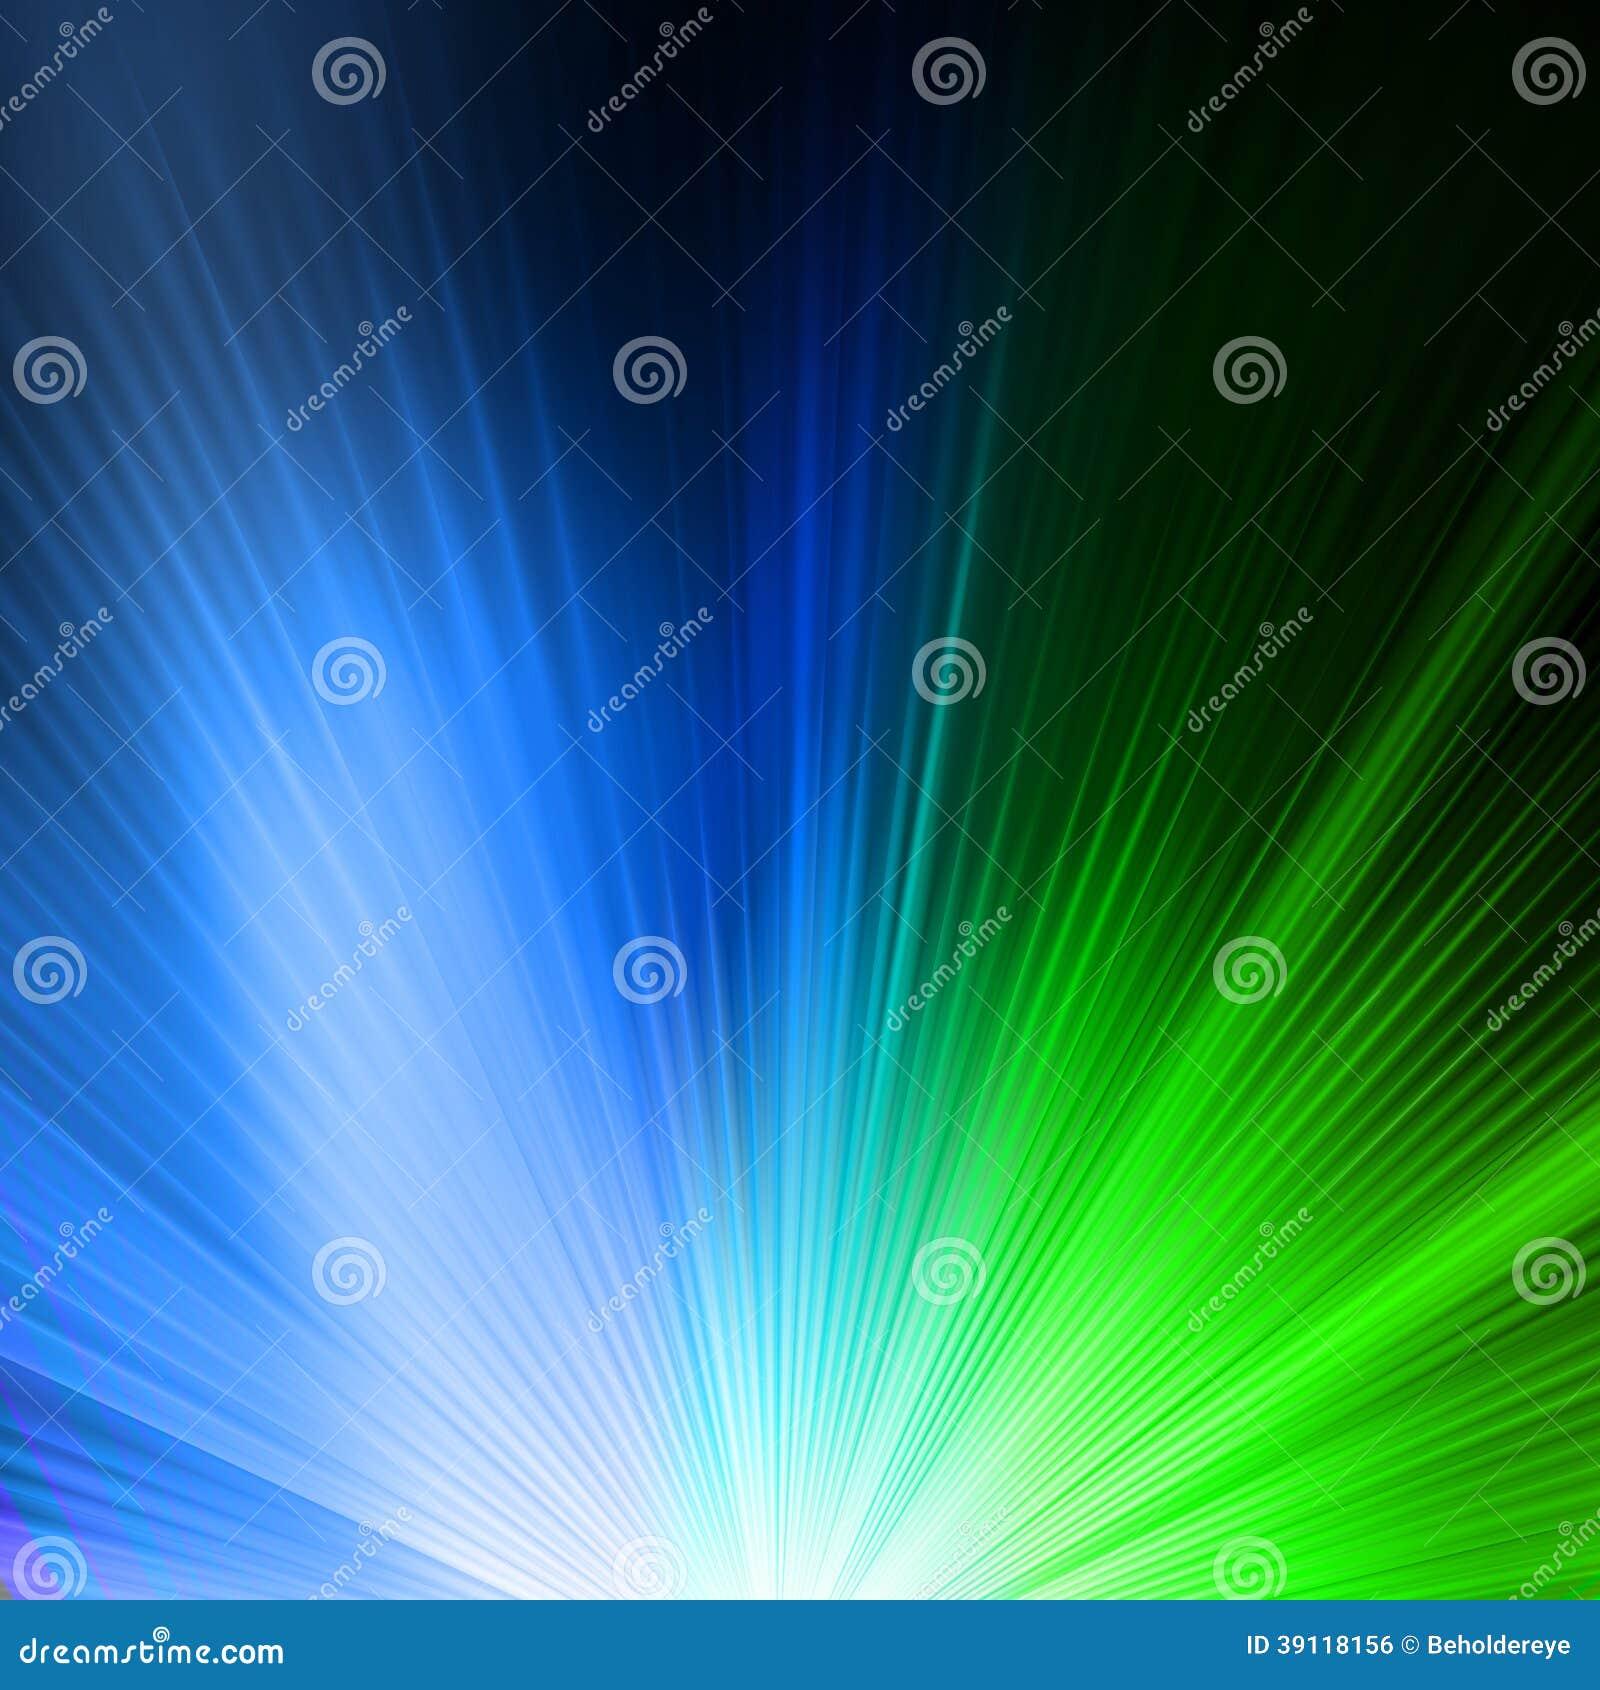 Abstracte achtergrond in groenachtig blauwe tonen.